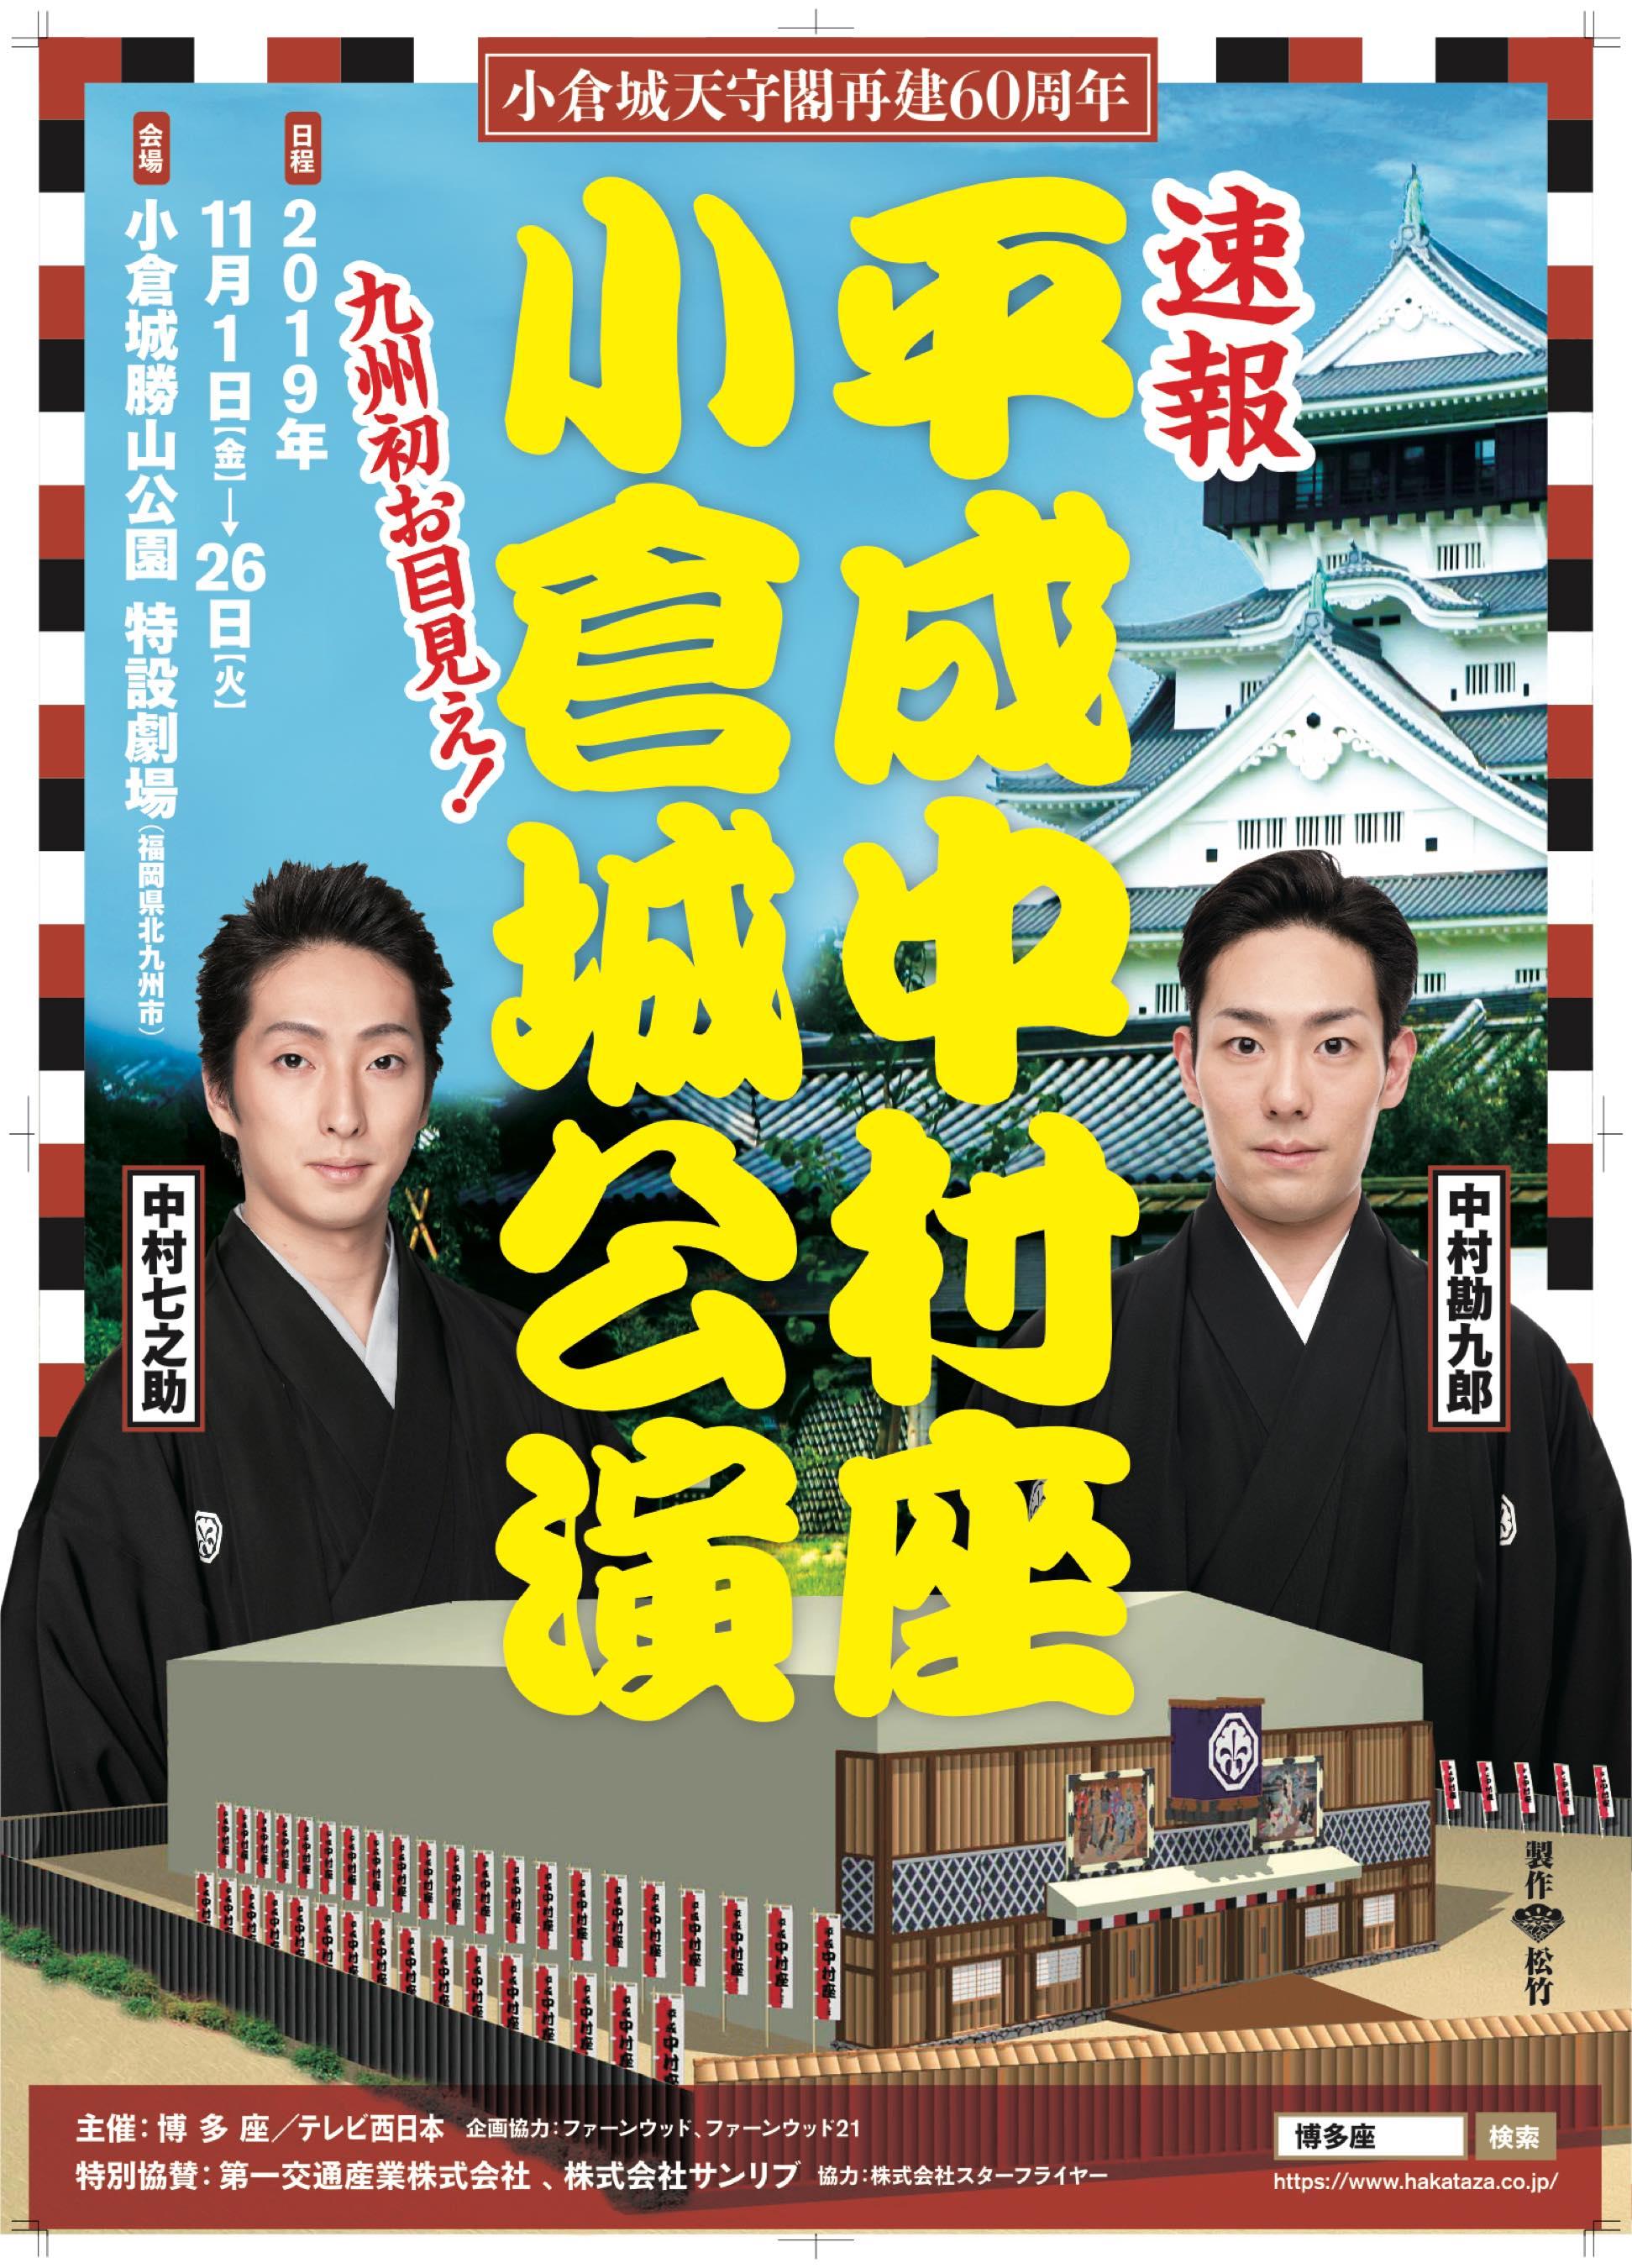 平成中村座小倉城公演会見ポスター